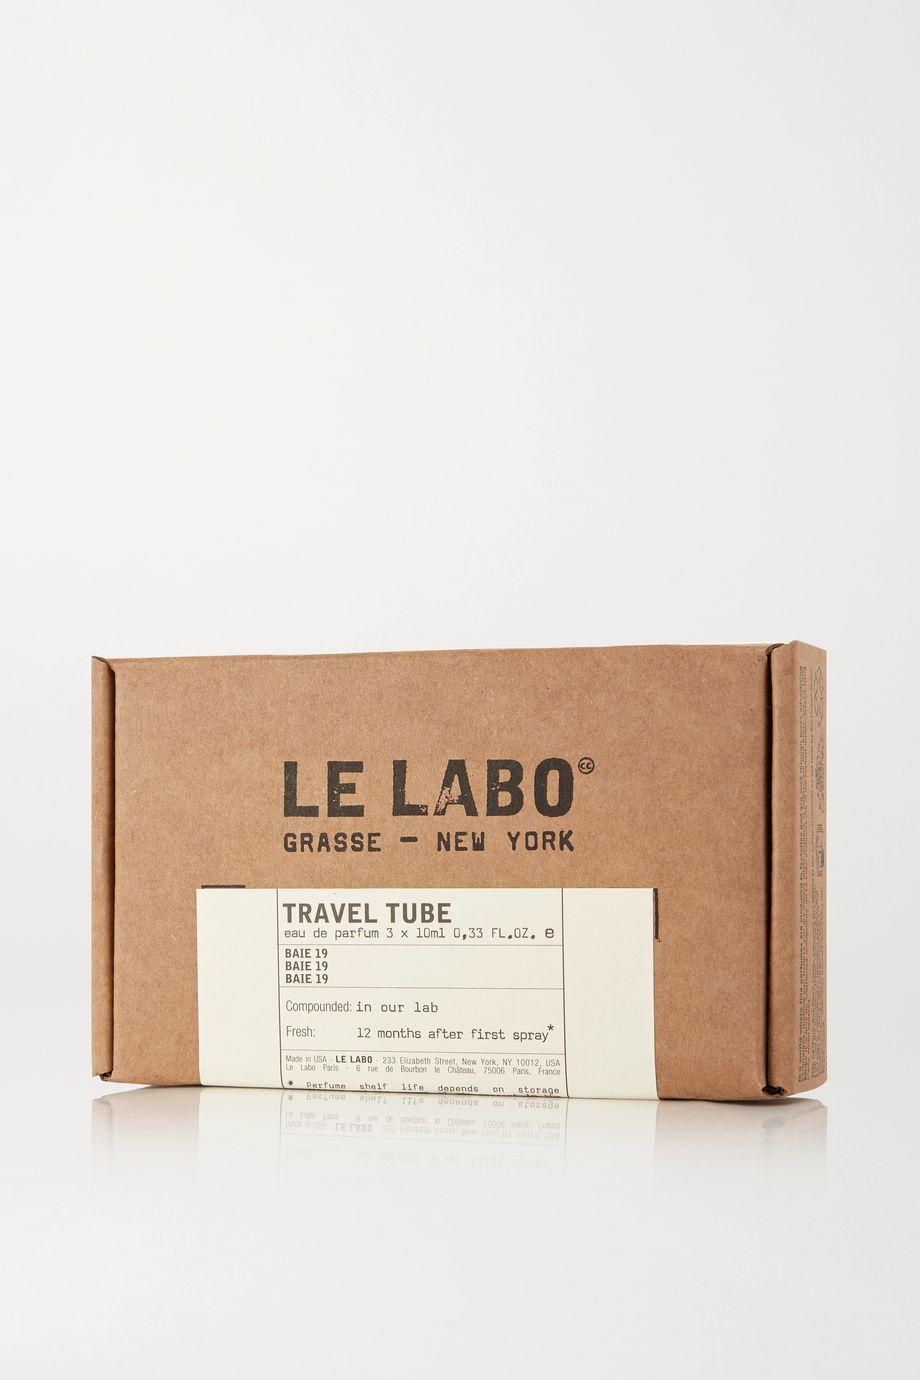 Le Labo Travel Tube Eau de Parfum - Baie 19, 10ml